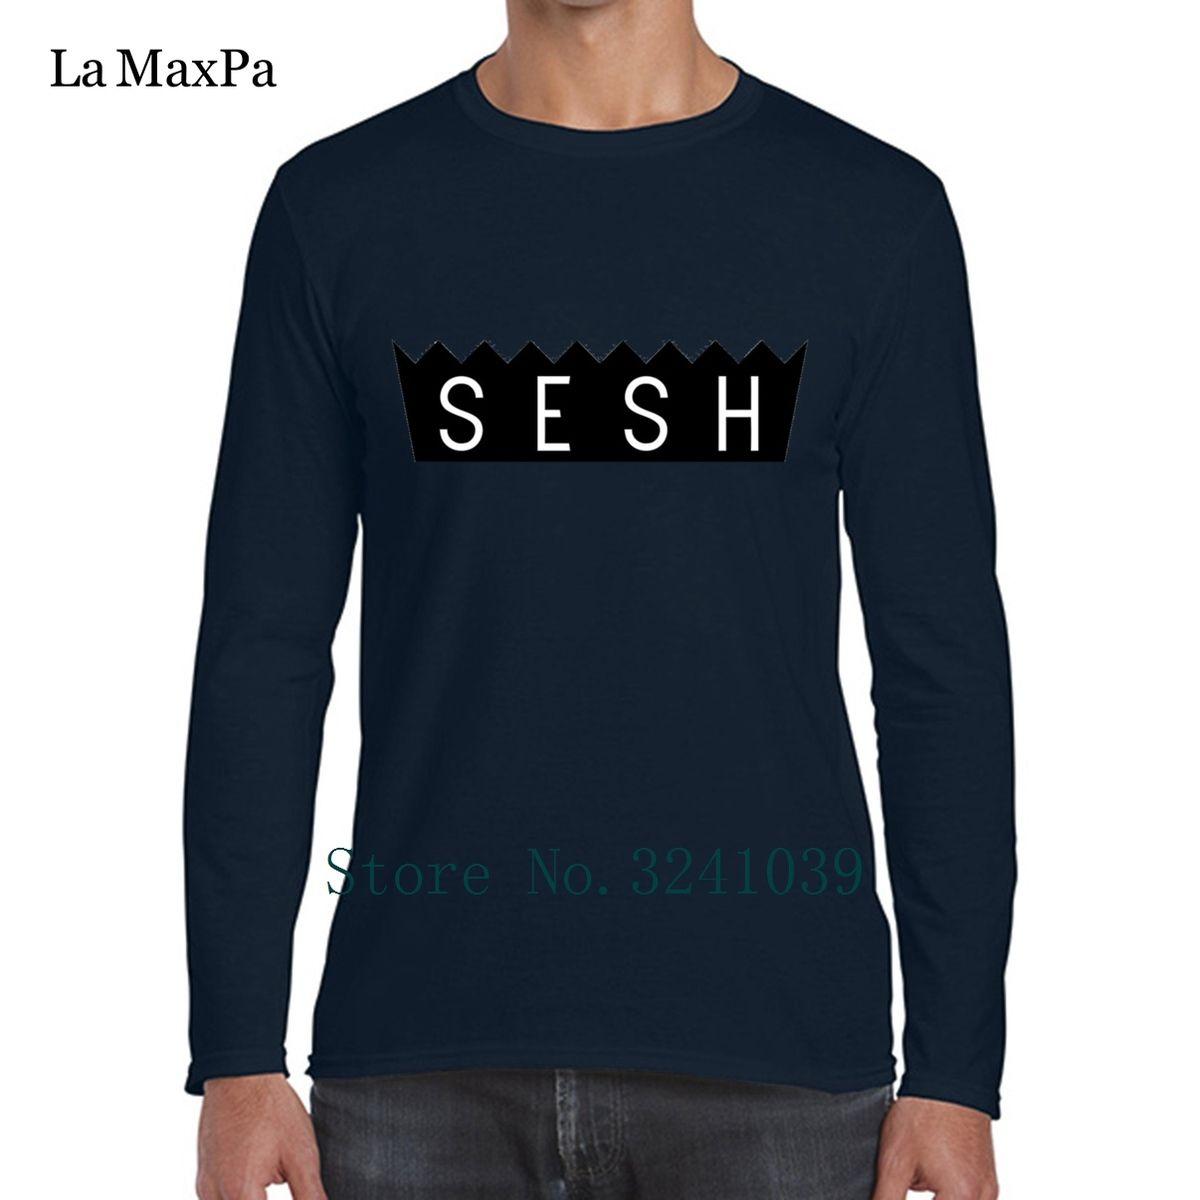 Team T Shirt Design Ideas | carrerasconfuturo.com